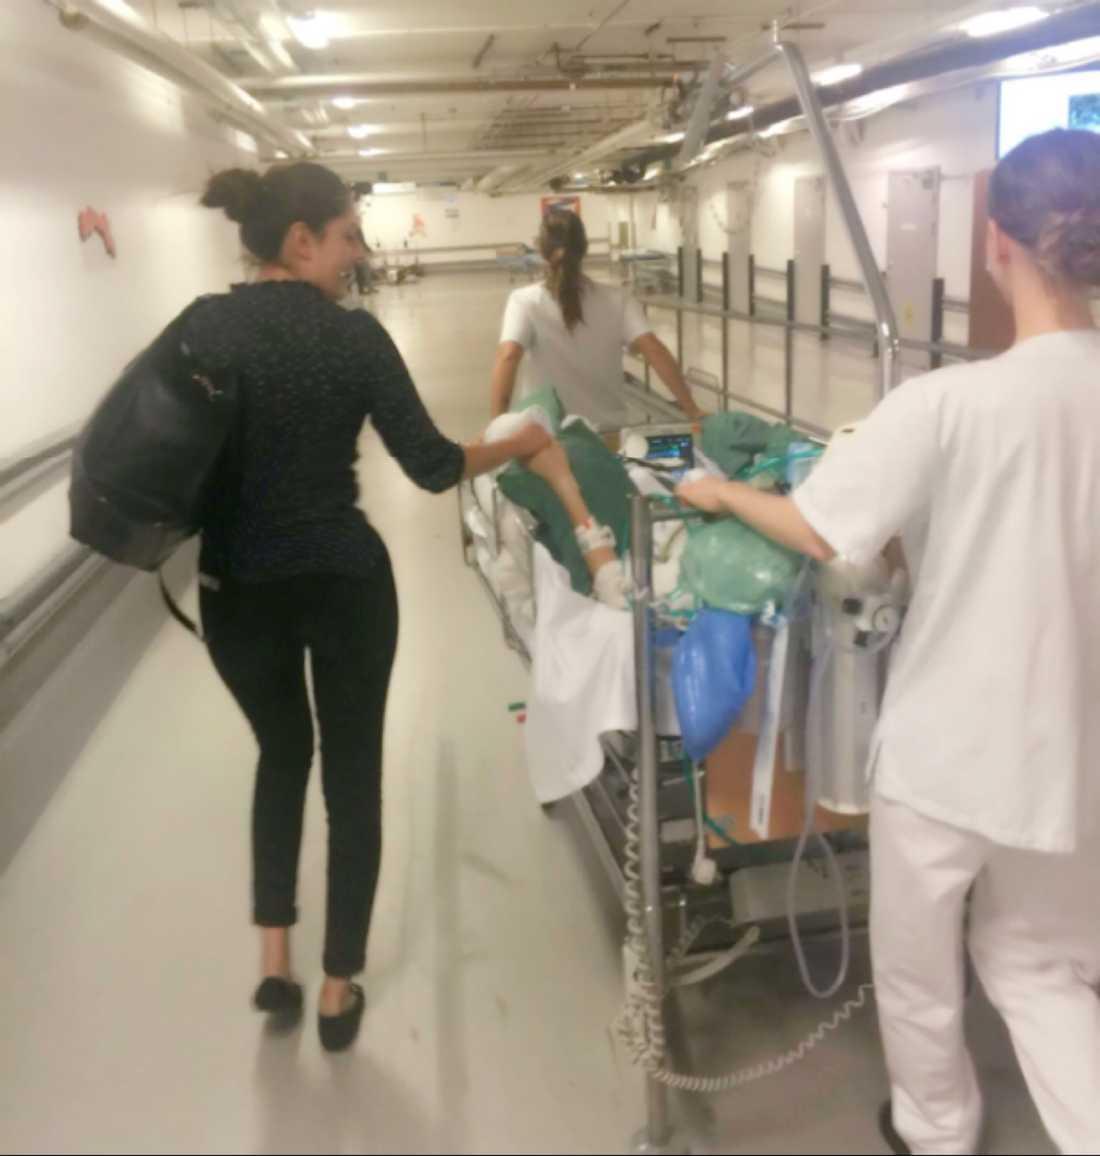 Lucas Sjölund Jurado flyttas från intensiven till en vårdavdelning,  frun Victoria Sjölund Palomino finns hela tiden vid hans sida.